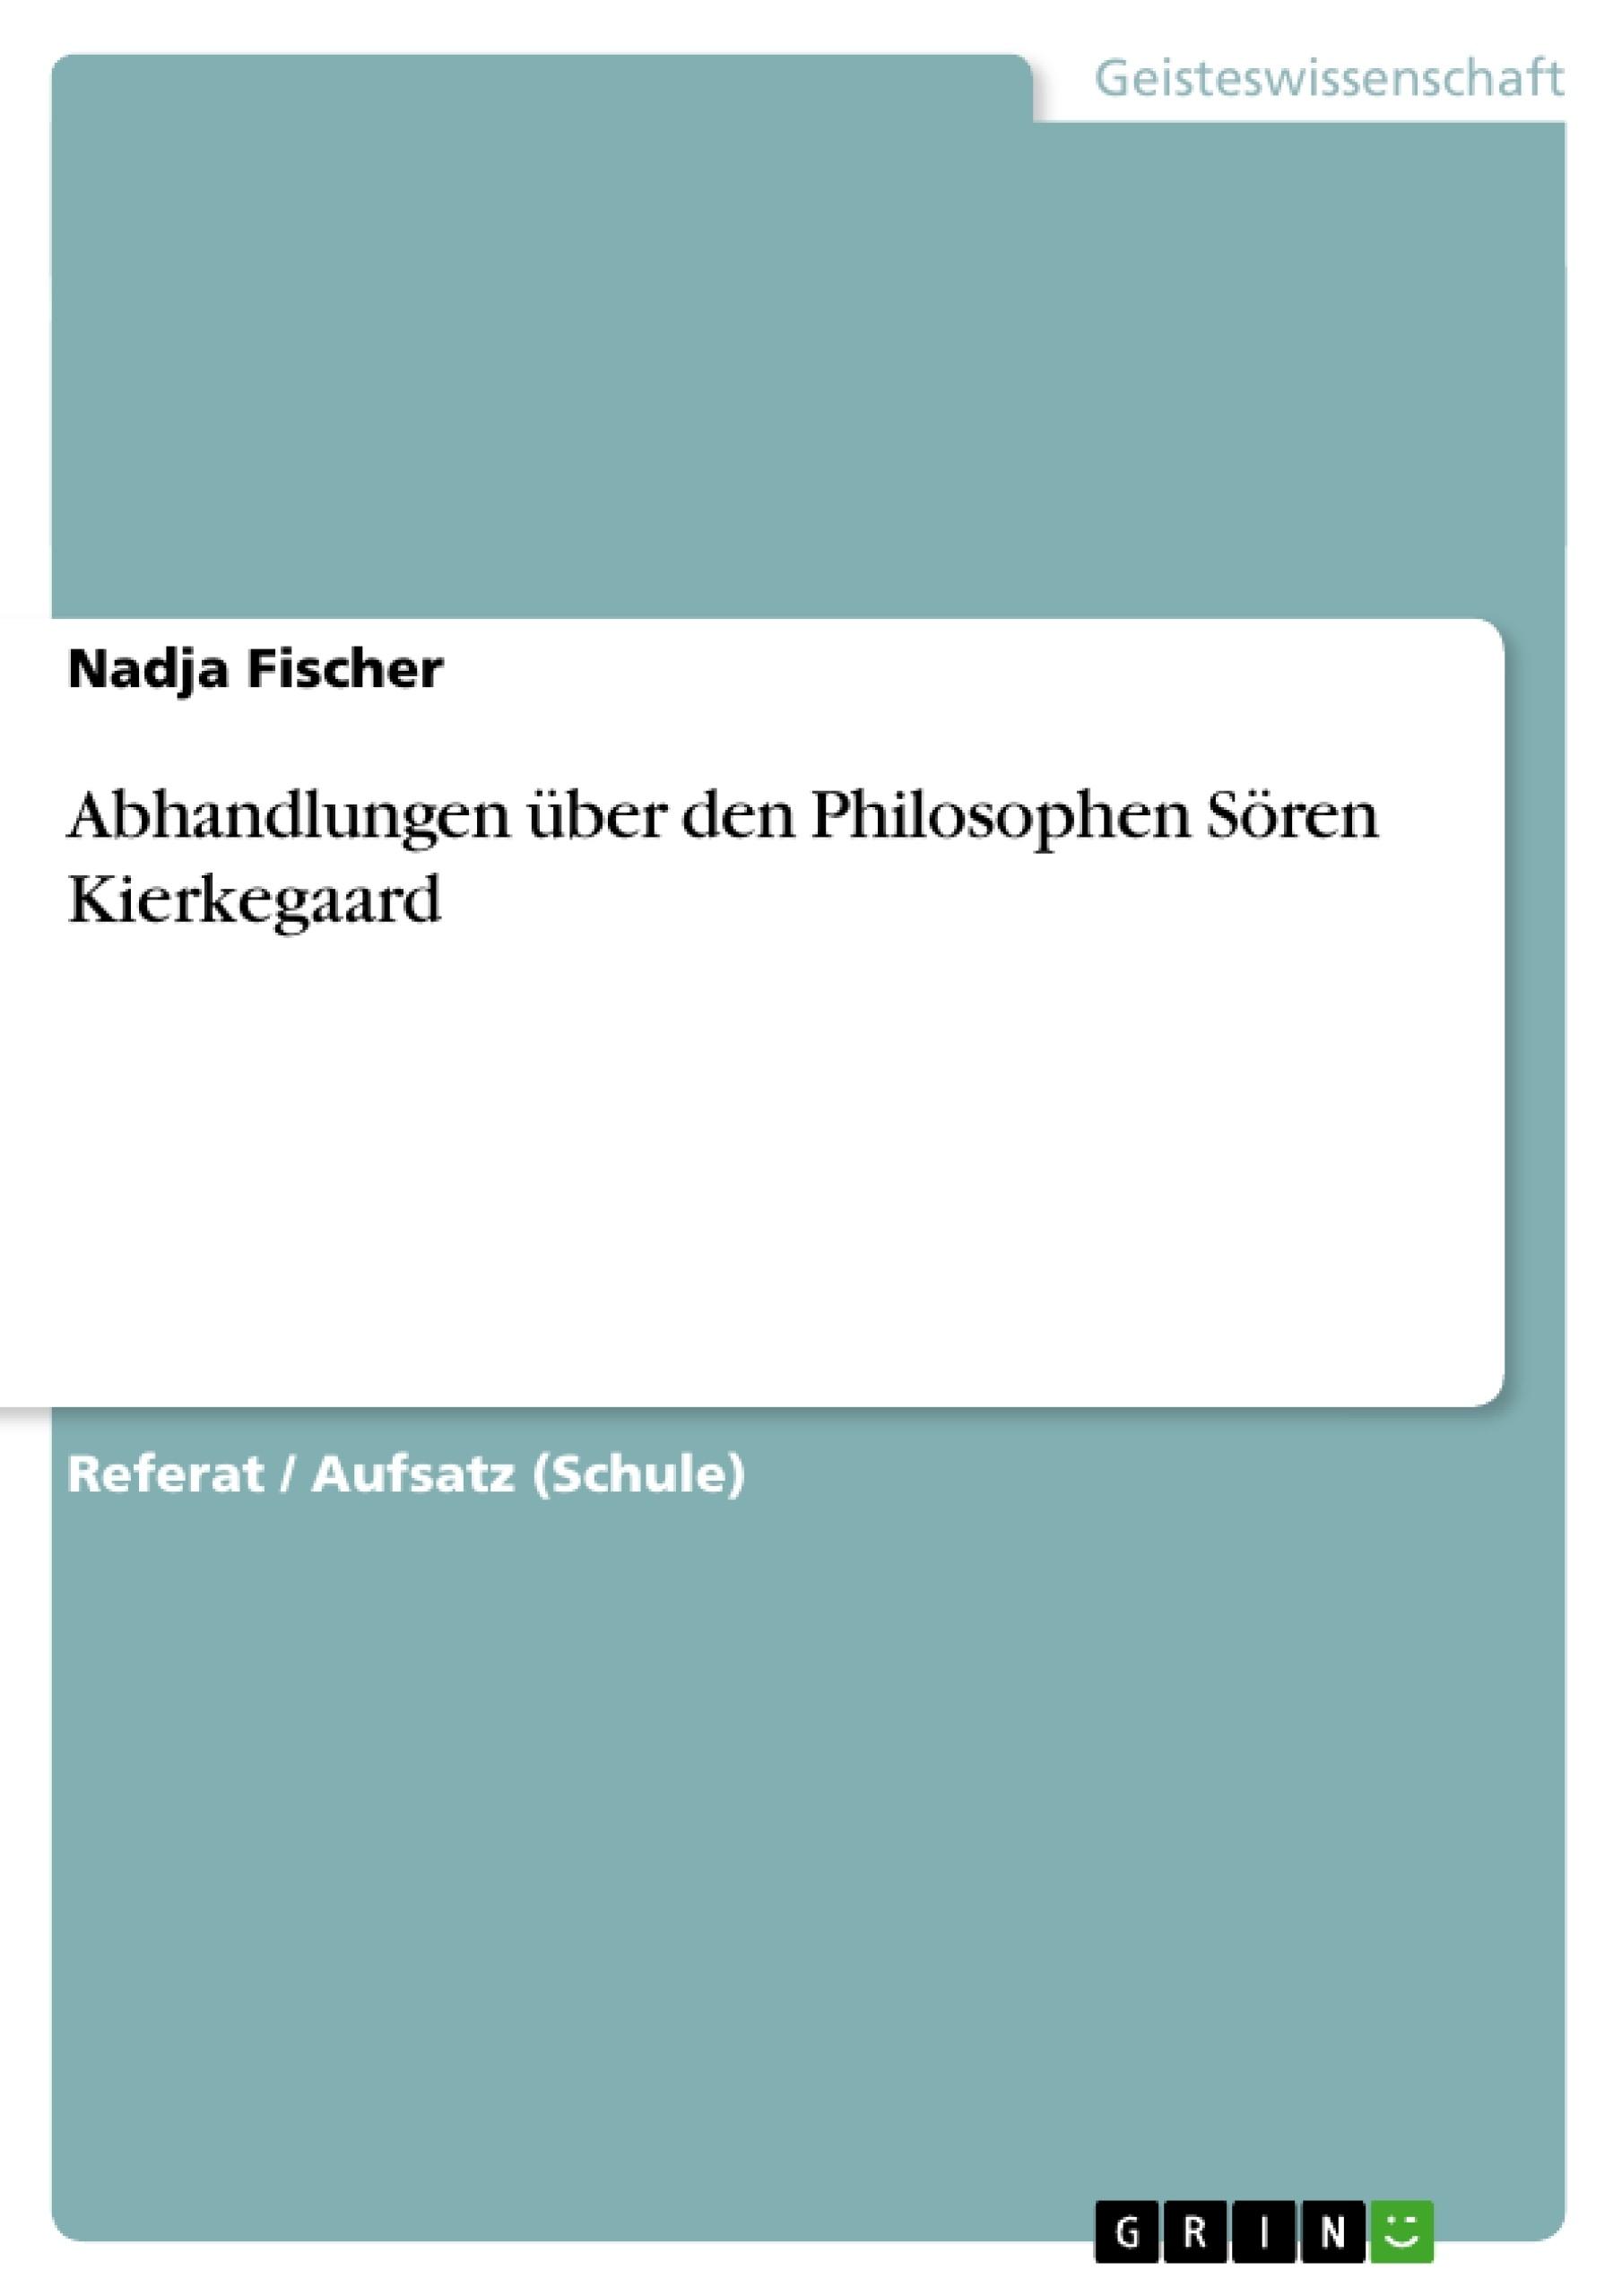 Titel: Abhandlungen über den Philosophen Sören Kierkegaard